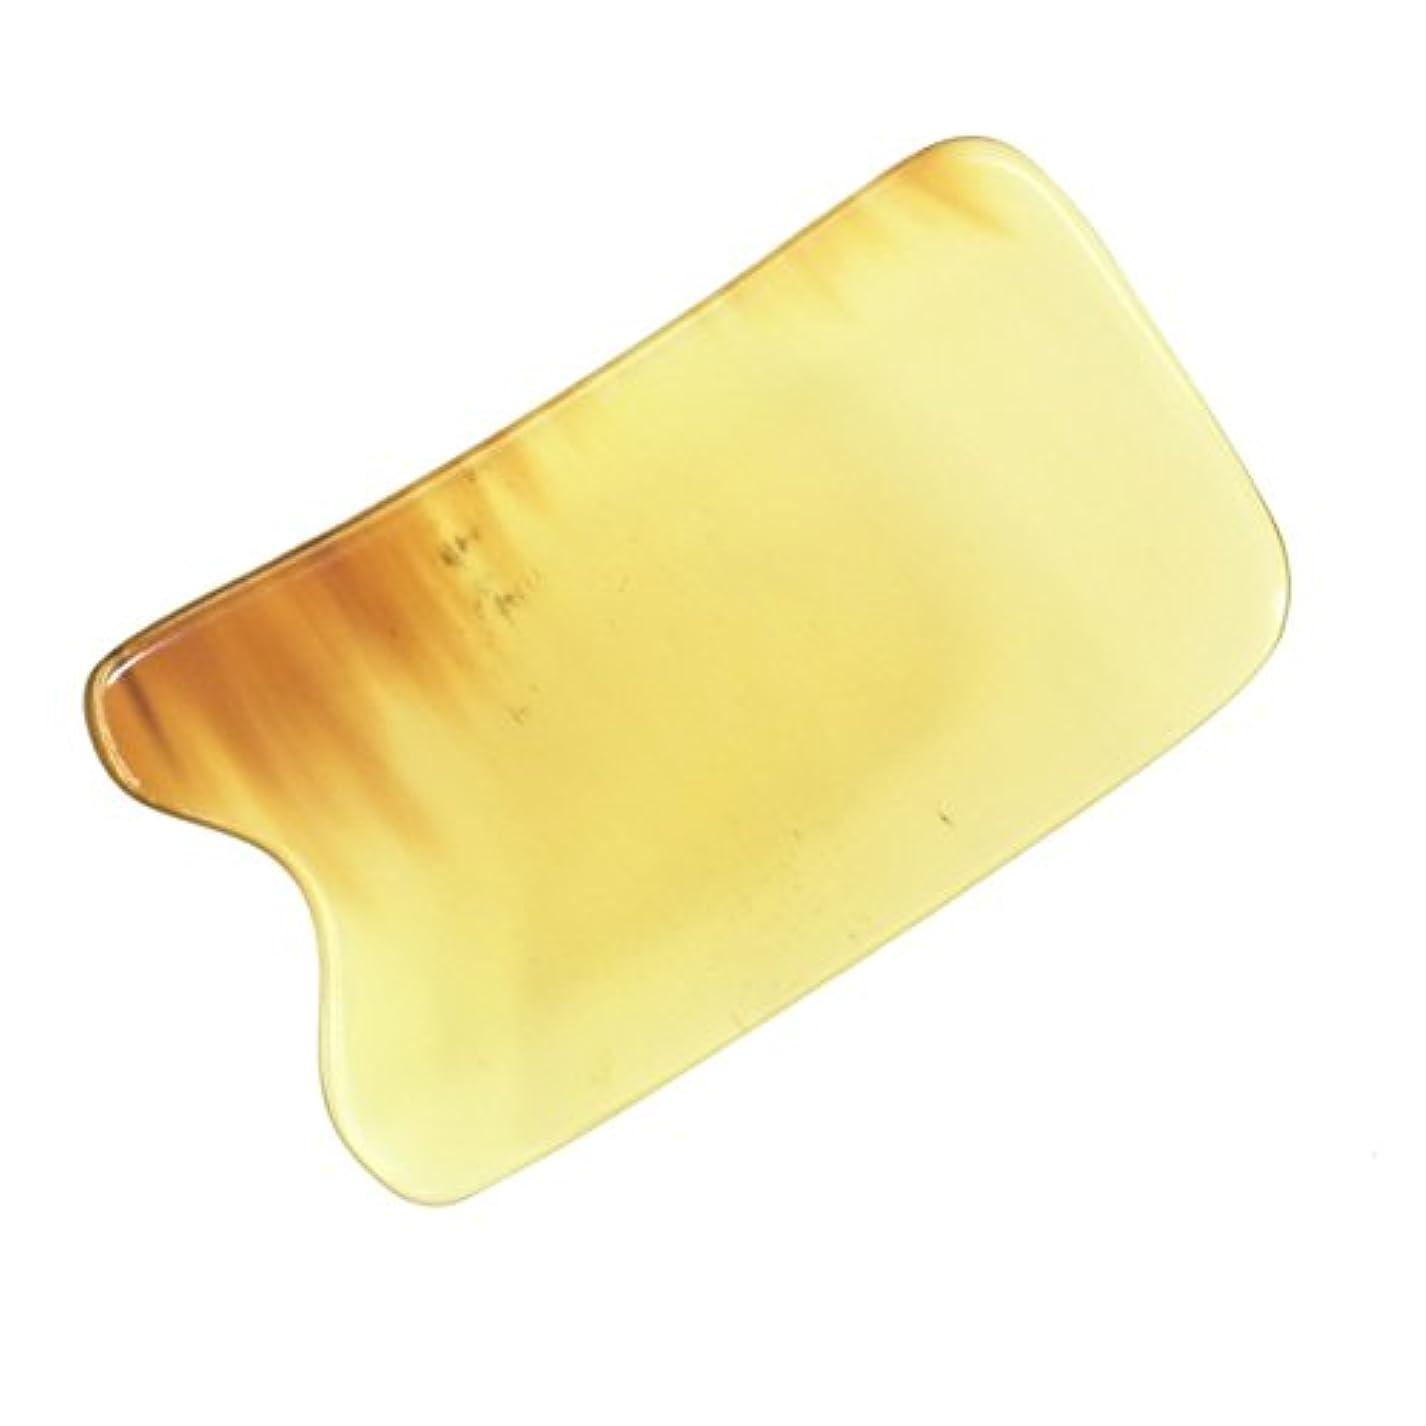 空中ショッキング事務所かっさ プレート 厚さが選べる 水牛の角(黄水牛角) EHE219 四角凹 一般品 少し薄め (4ミリ程度)